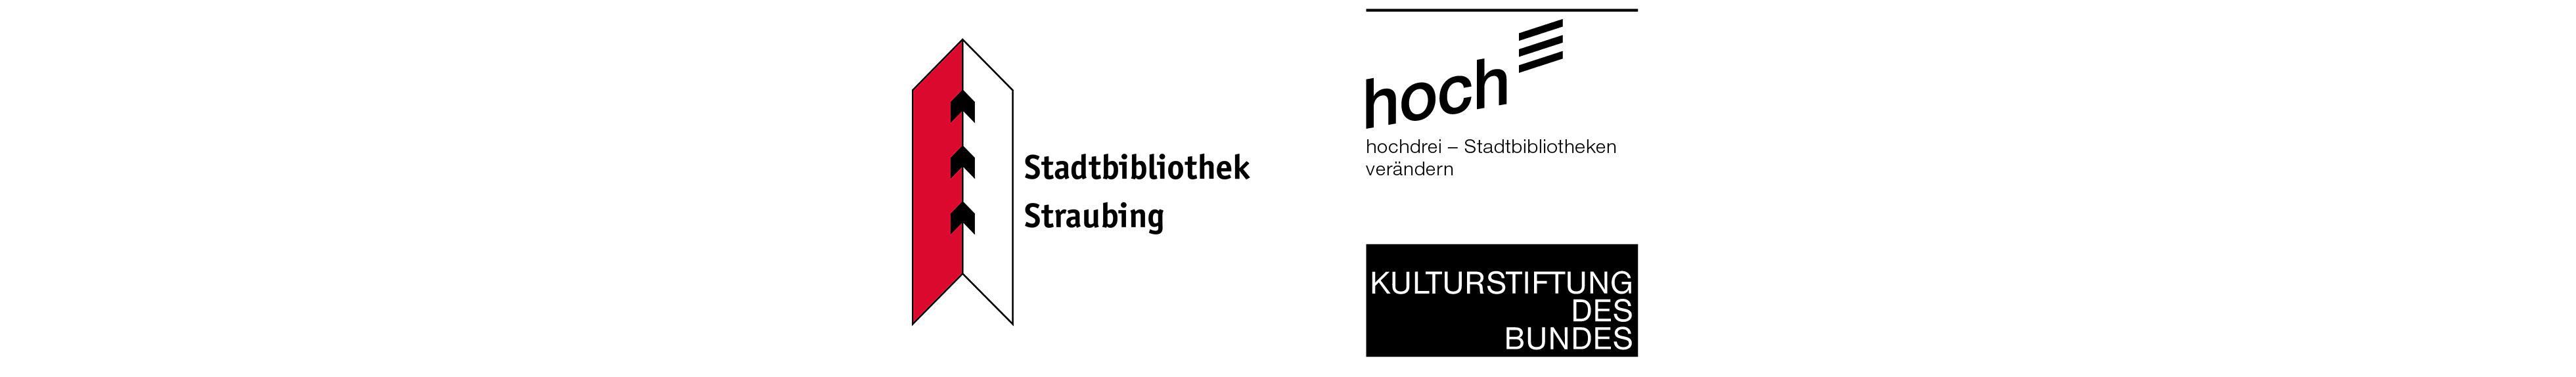 """<div style=""""text-align: center;"""">Die Kulturstiftung des Bundes fördert dieses Planungsprojekt für die Straubinger Stadtteilbibliothek Ost im Fonds """"<a href=""""https://www.kulturstiftung-des-bundes.de/de/projekte/nachhaltigkeit_und_zukunft/detail/hochdrei.html"""" rel=""""nofollow"""" target=""""_blank"""">hochdrei – Stadtbibliotheken verändern</a>"""".</div>"""